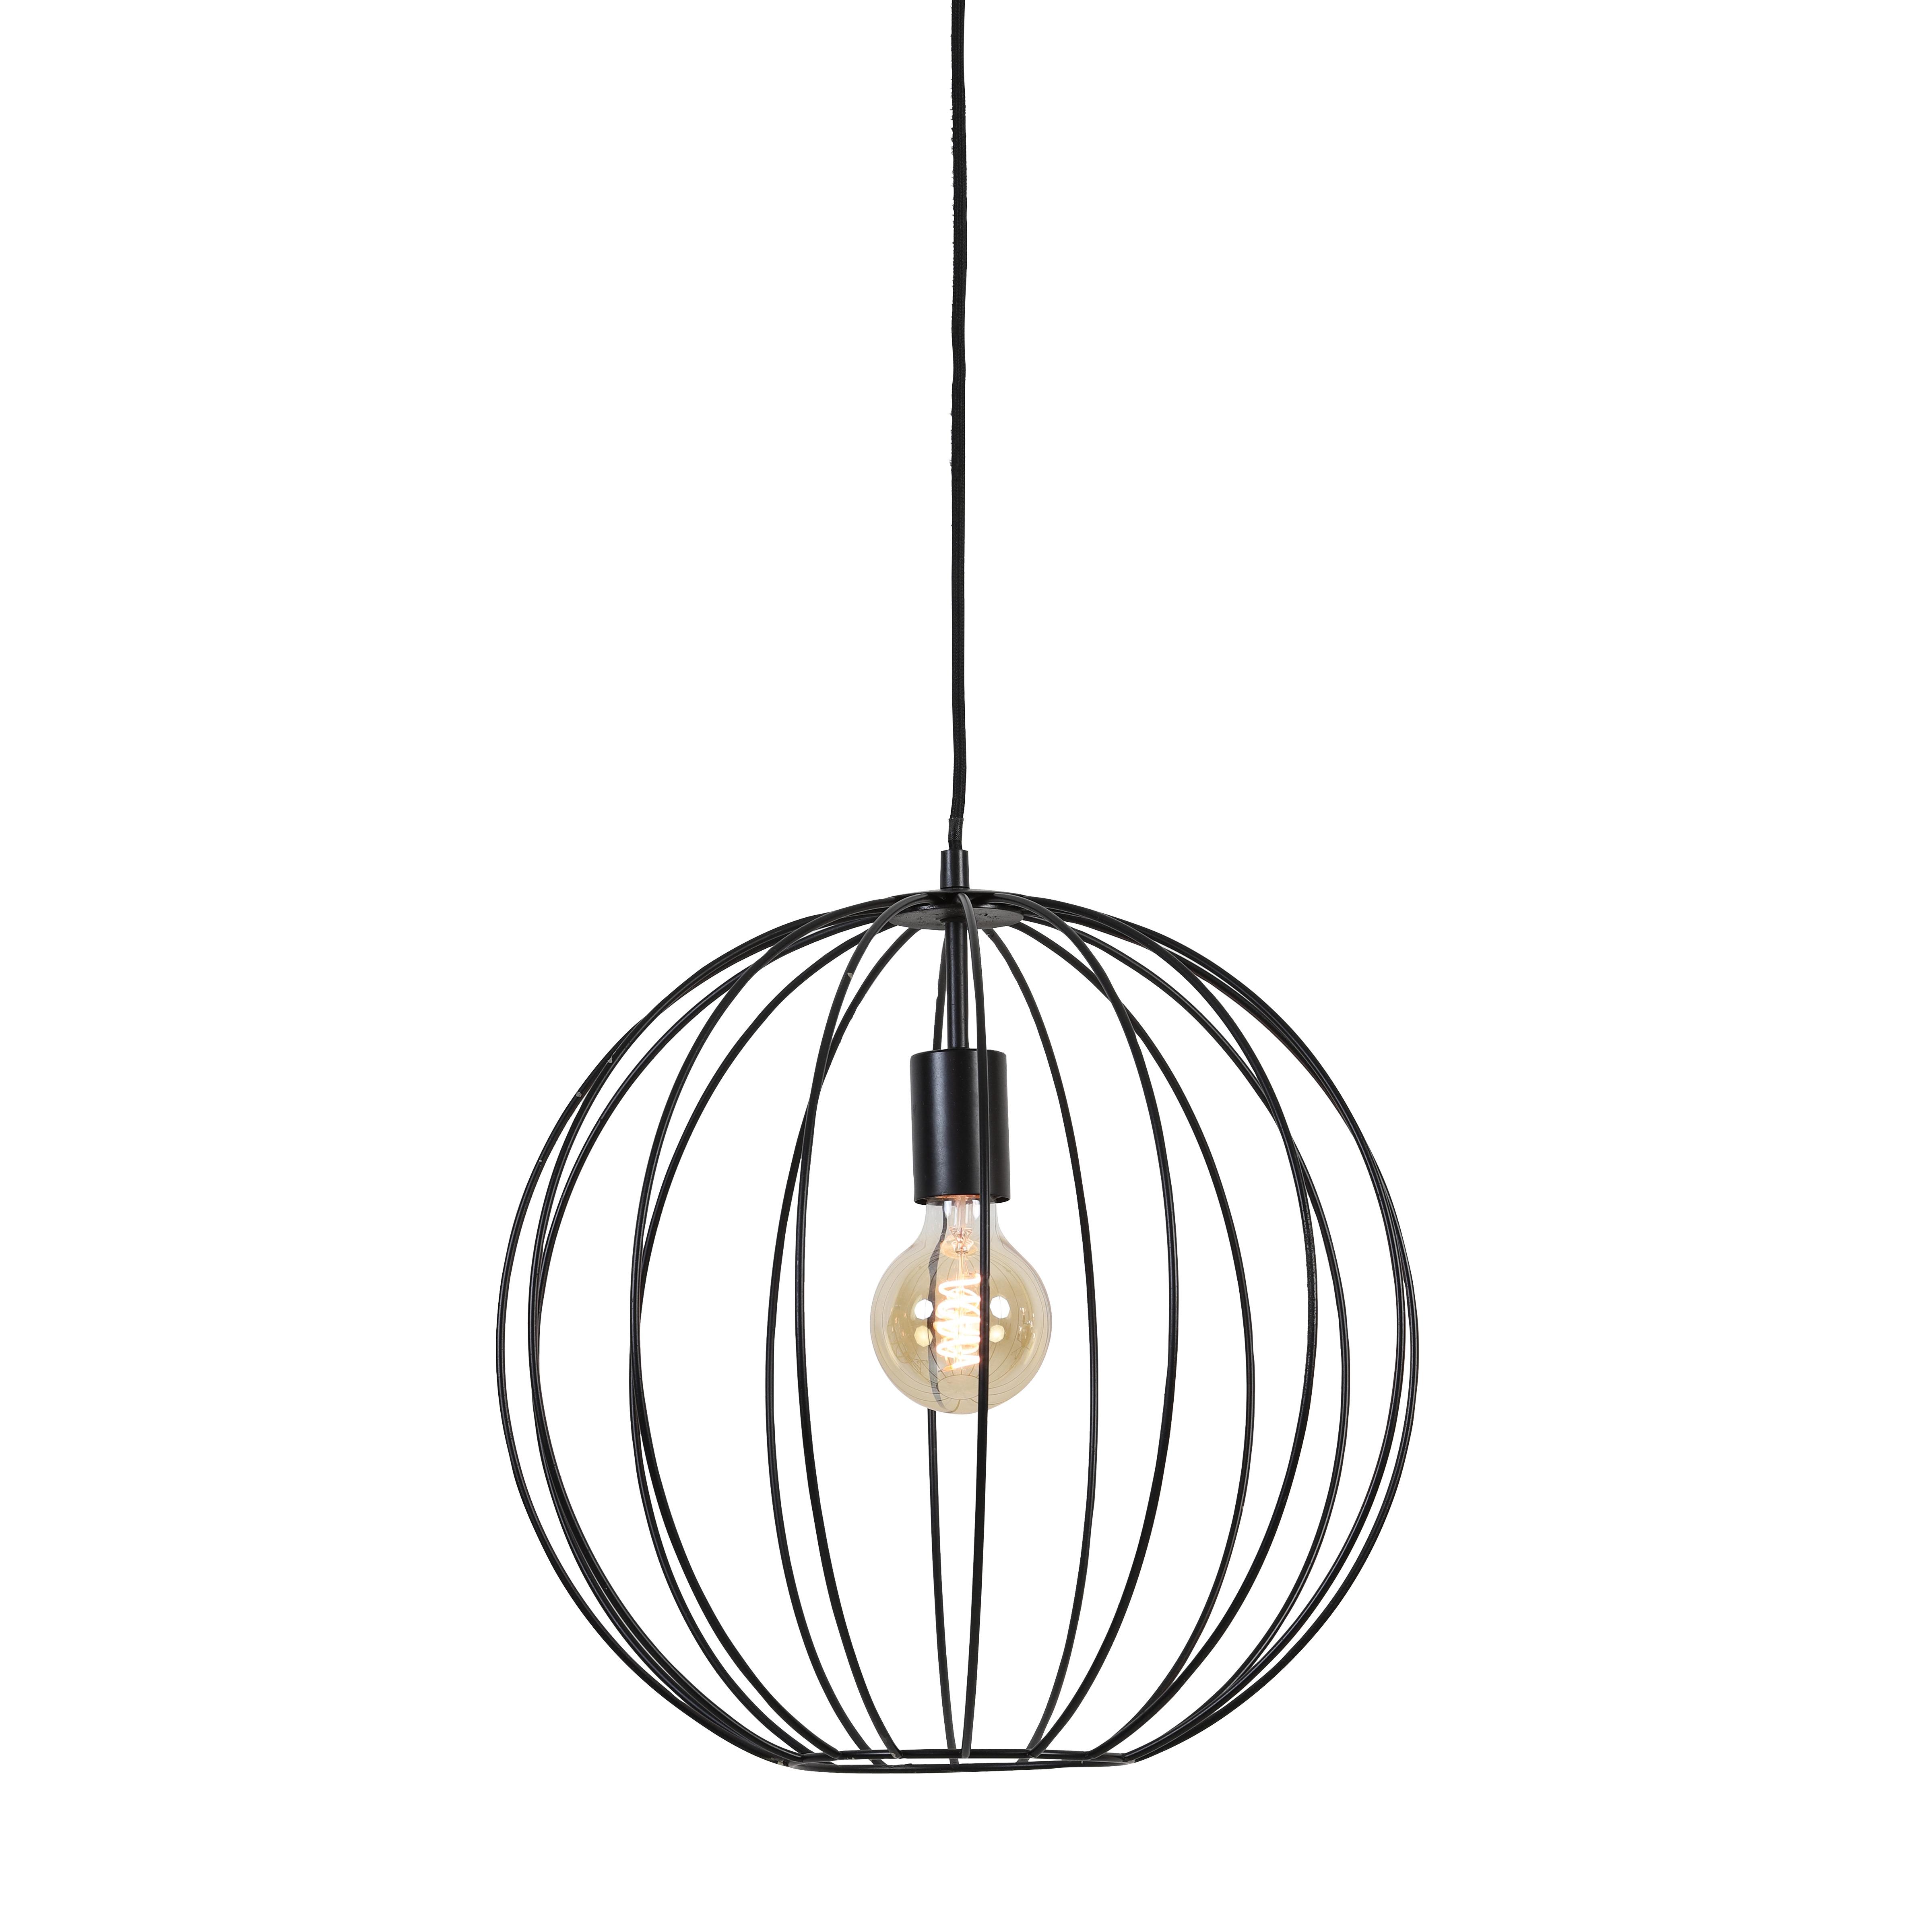 Hanglamp Evita Ø40X40 CM mat zwart